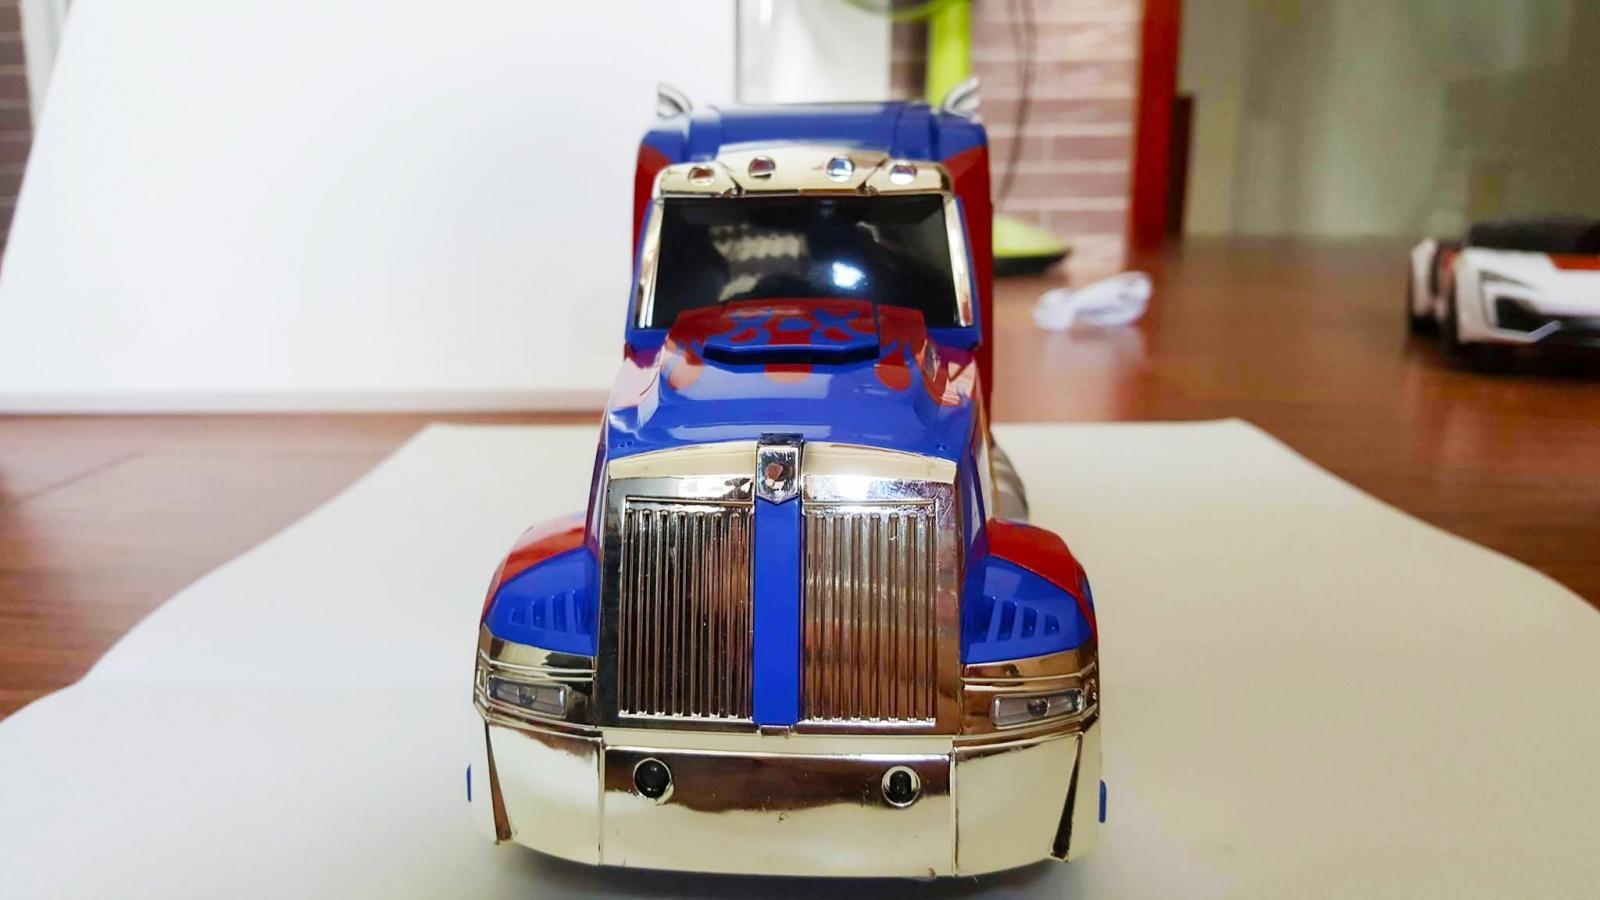 bán xe robot biến hình giá rẻ đẹp tại tphcm 006